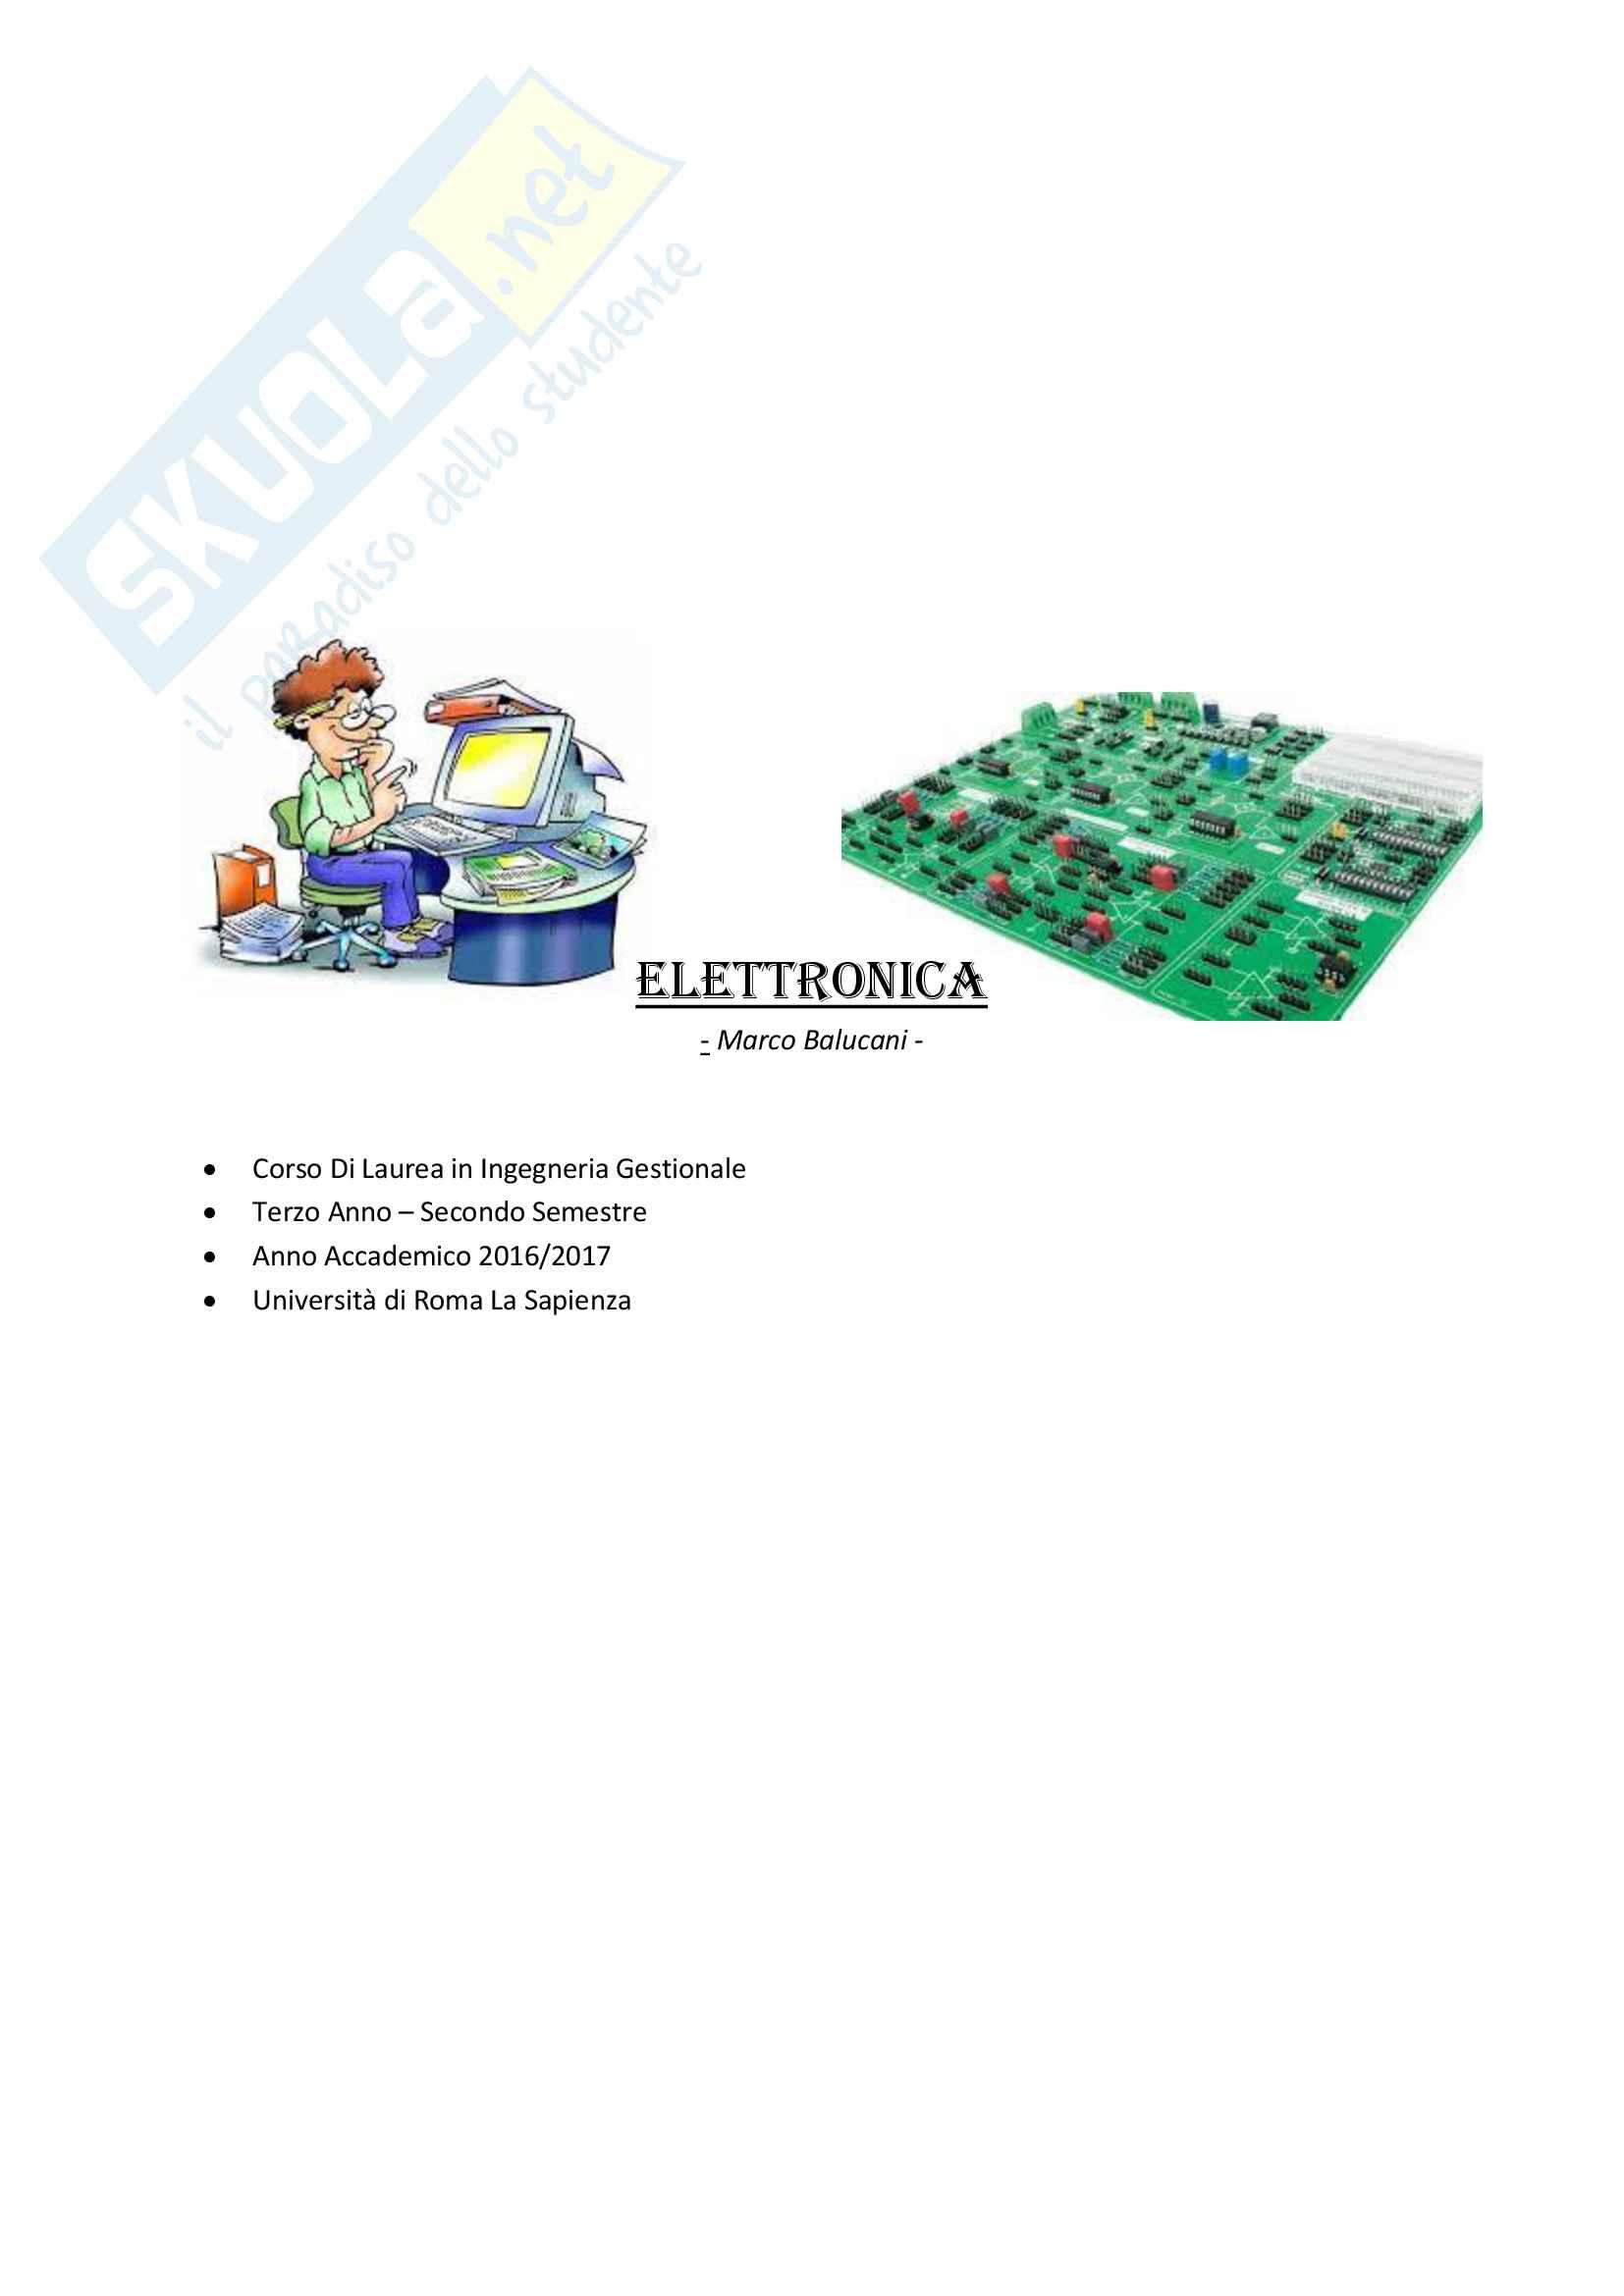 Appunti e Schemi Riassuntivi di Elettronica - Ingegneria Gestionale